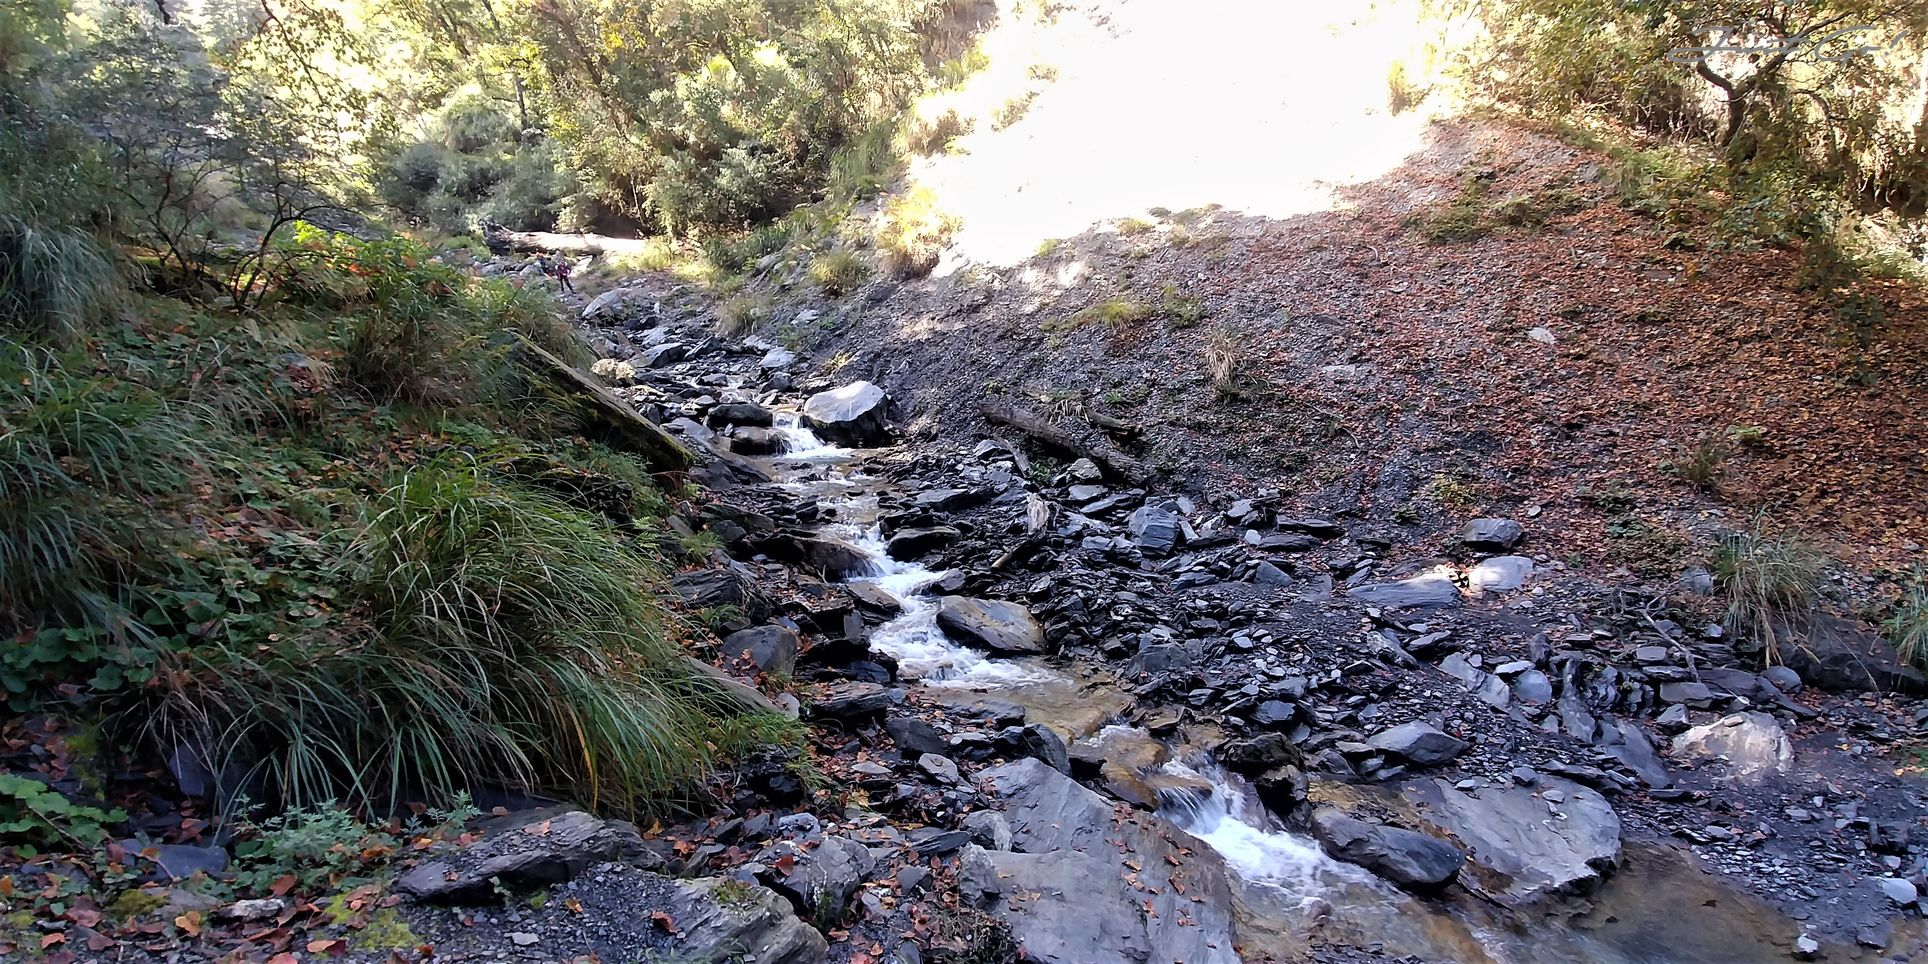 一日百岳·10小時單攻屏風山-新路線地圖gpx、行程規劃、申請、登山口16